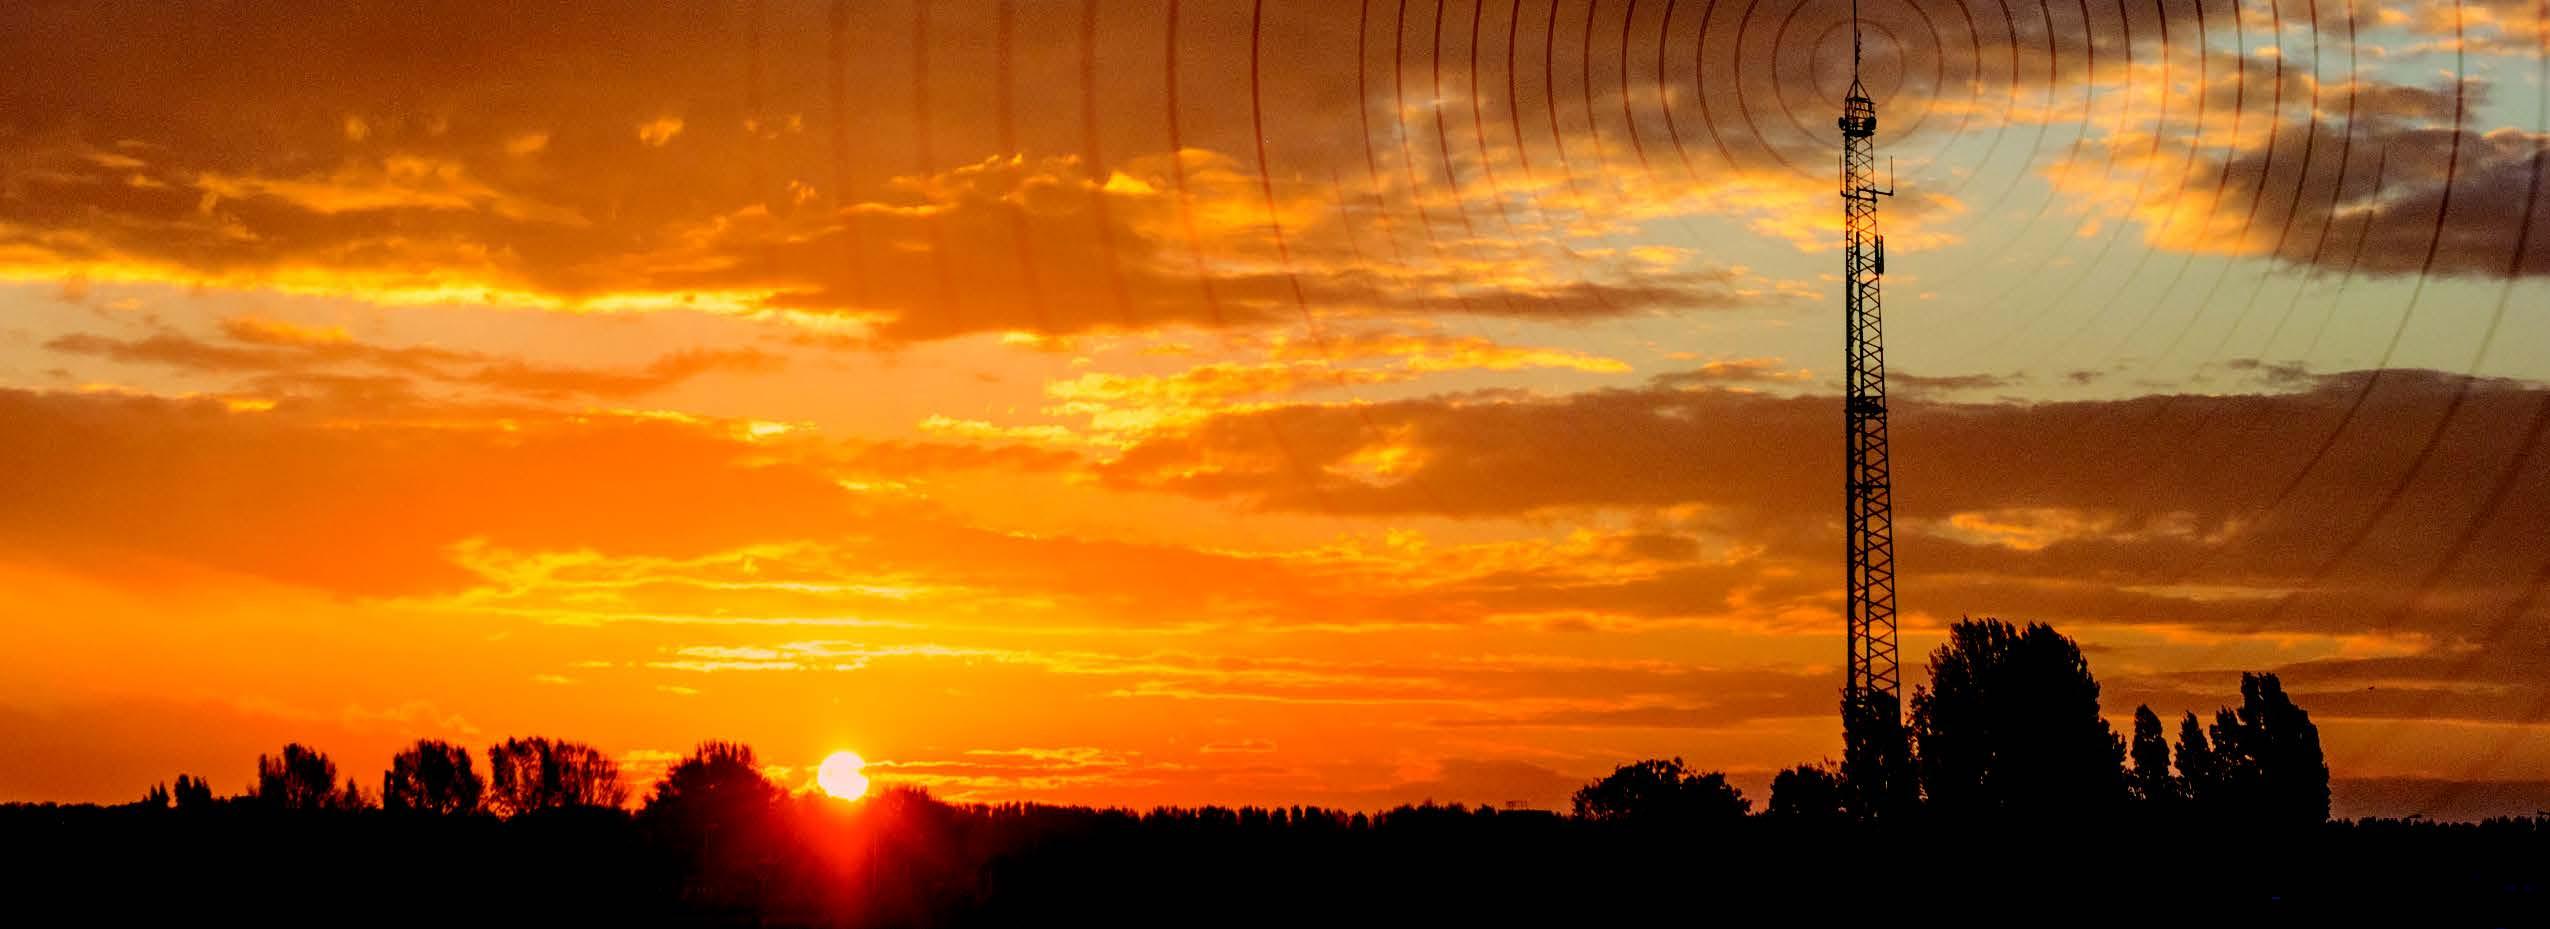 Sierra Wireless Sunset Sale